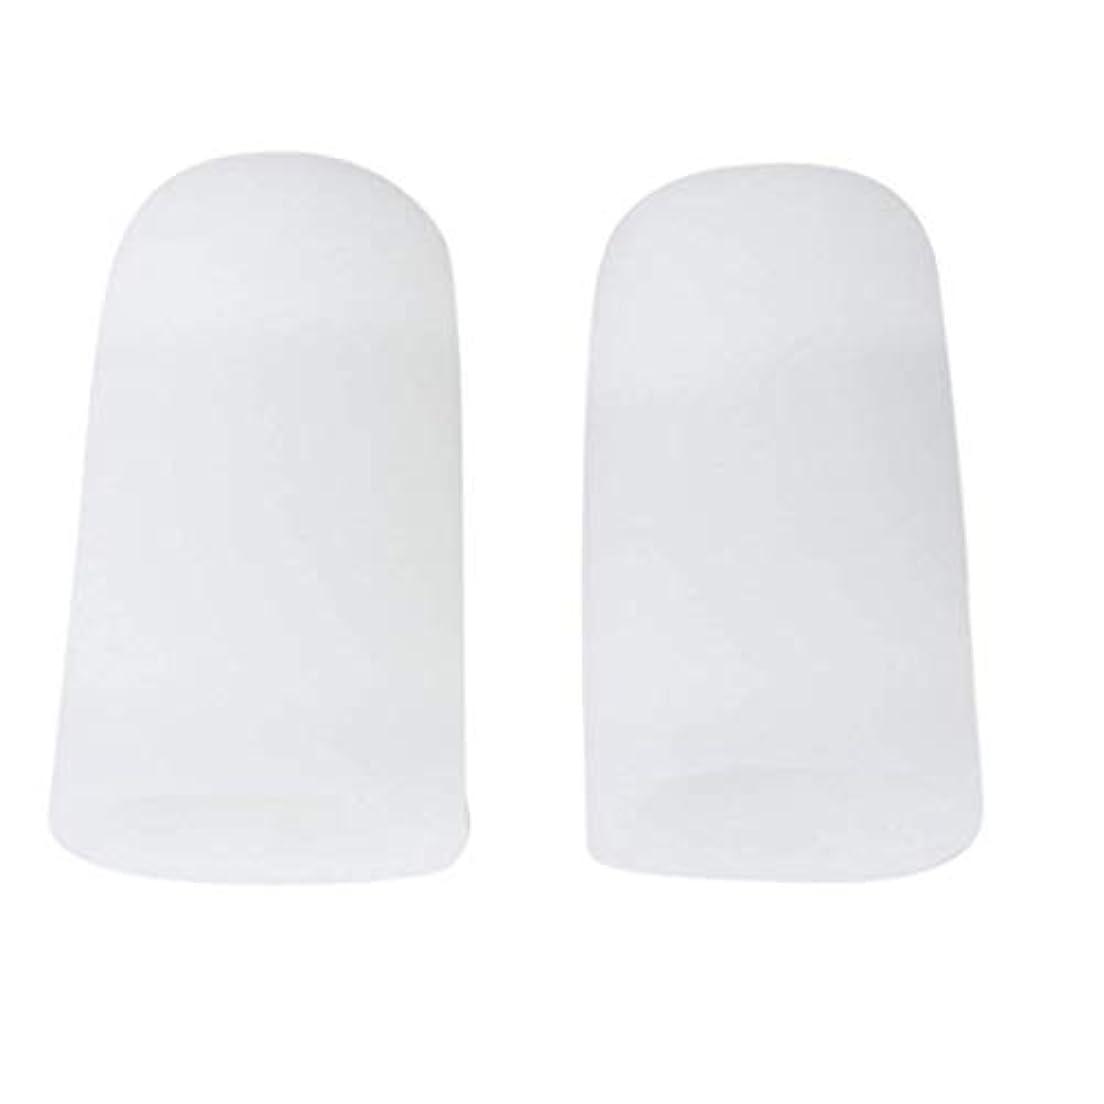 ファンシーママ結核TSUCIA 足指保護キャップ つま先プロテクター 足先のつめ保護キャップ シリコン (L)